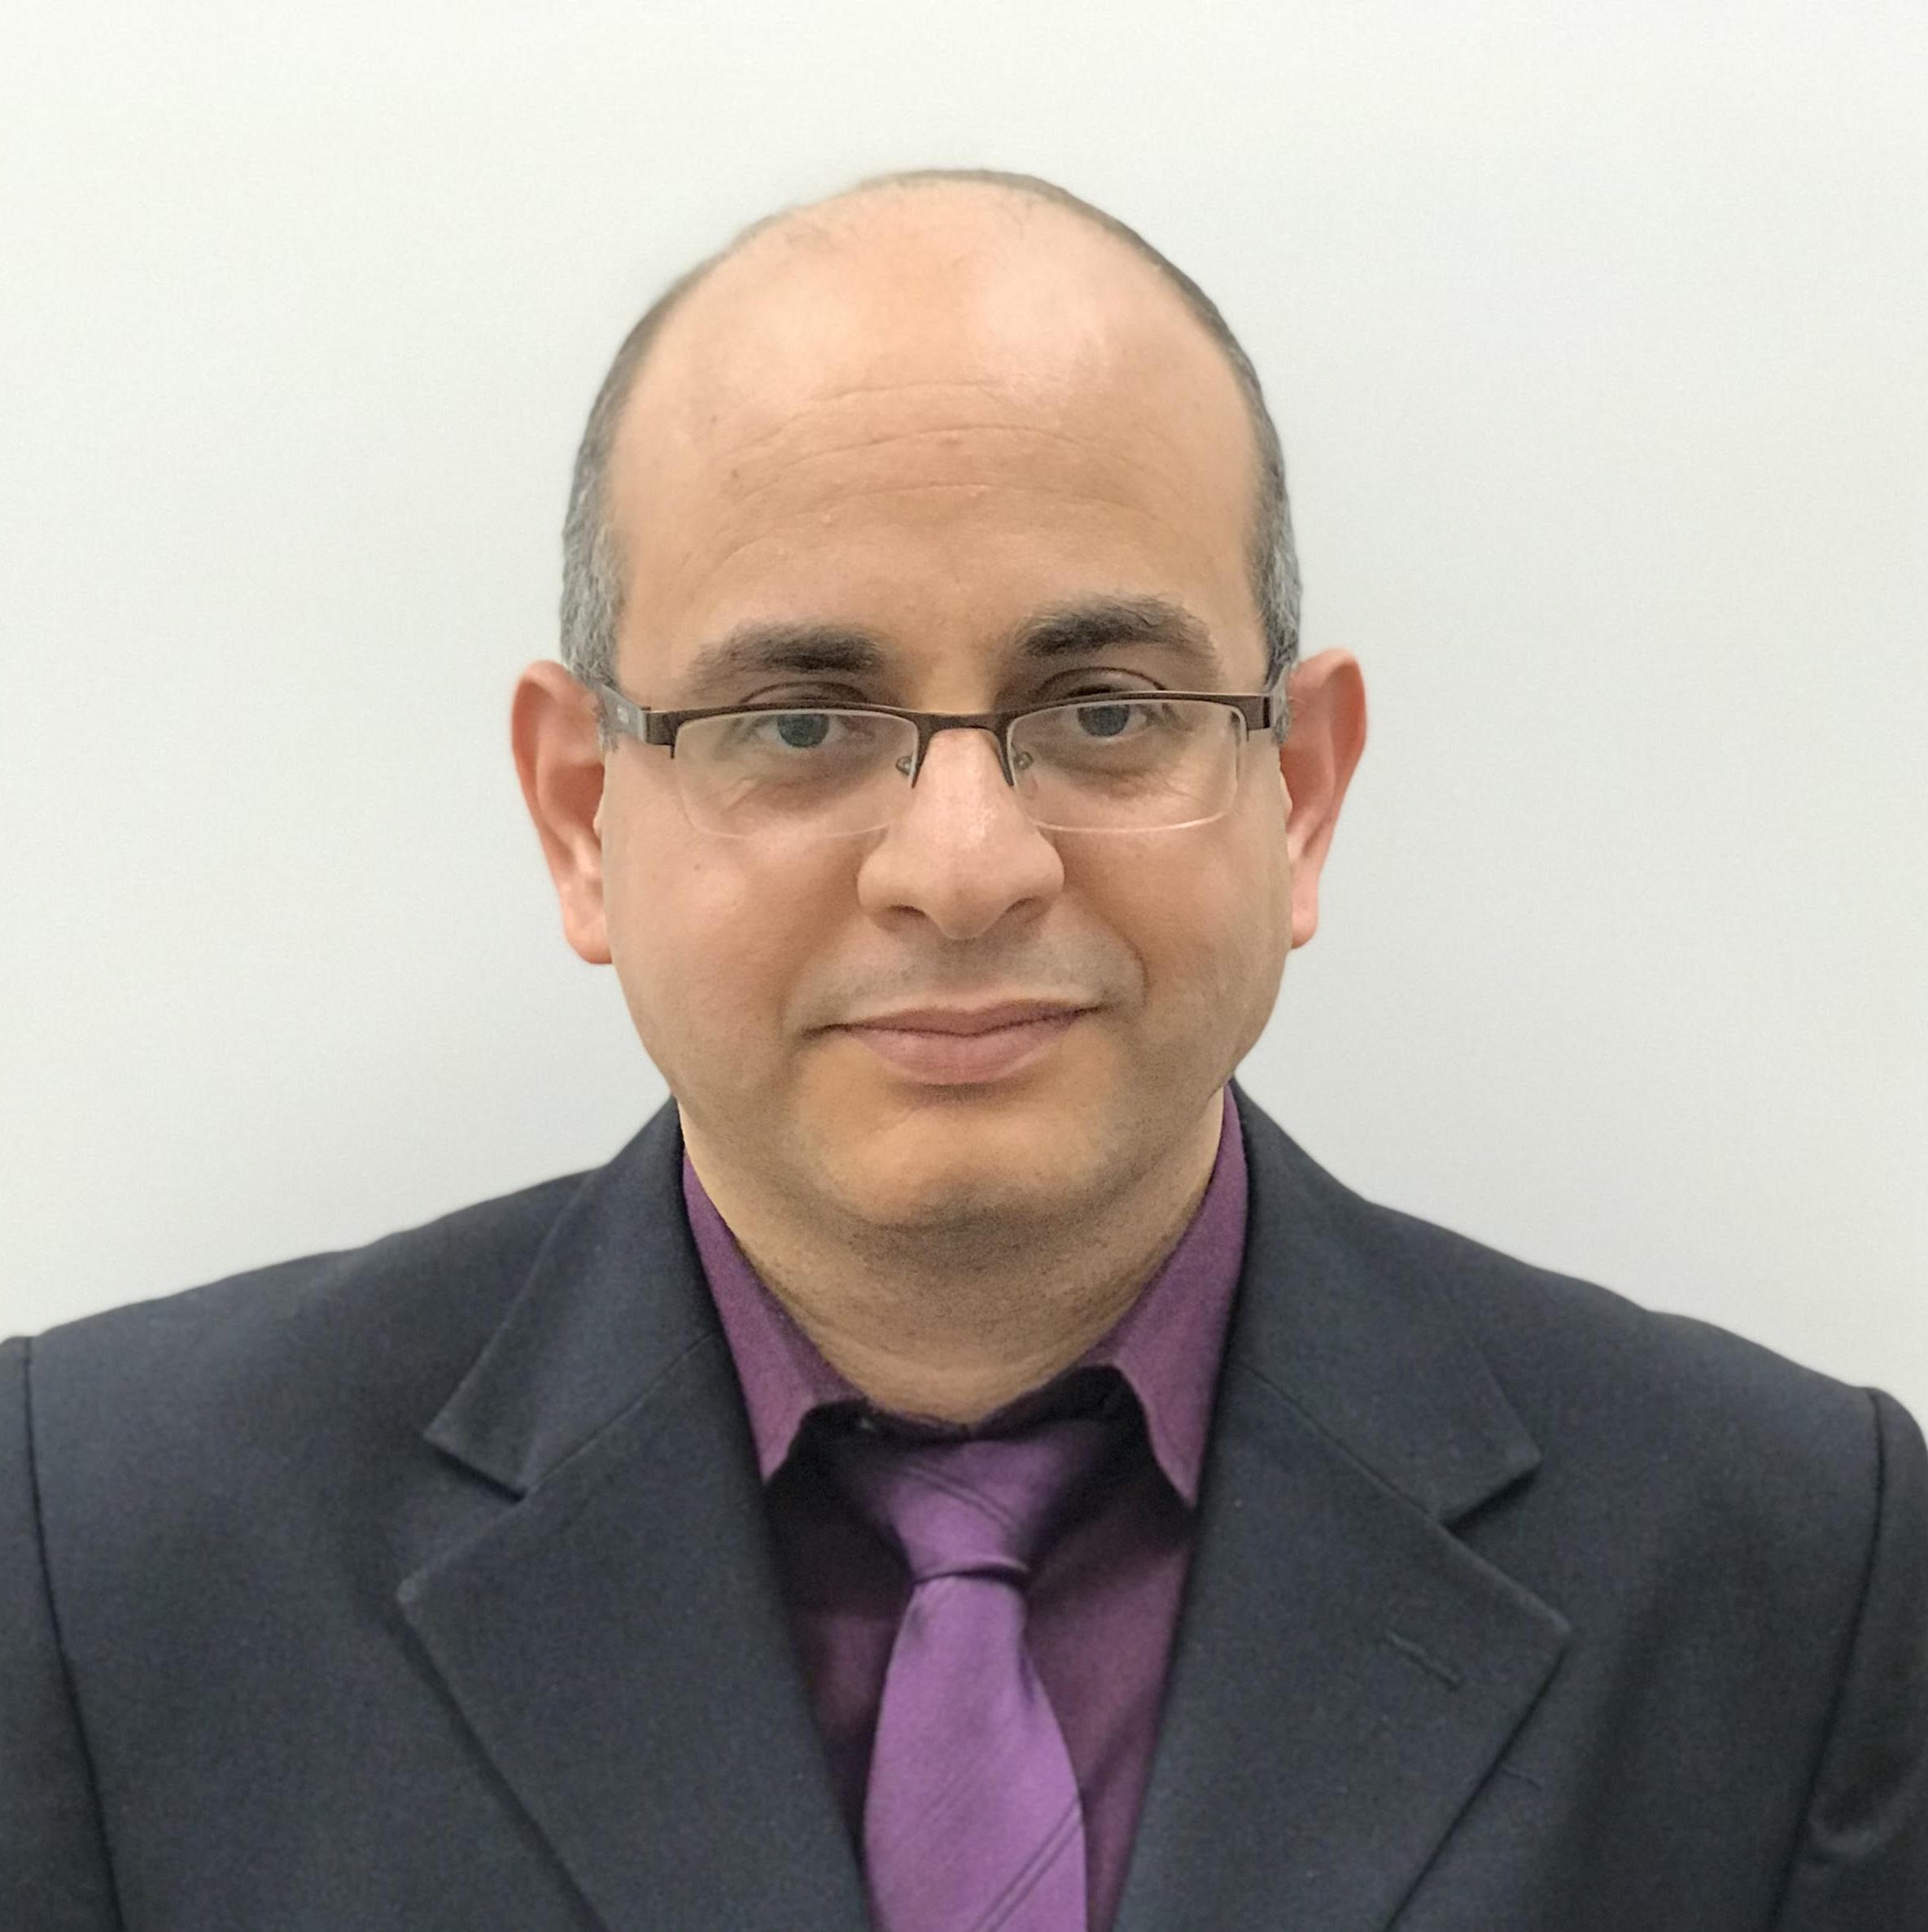 Bahaa Mansour